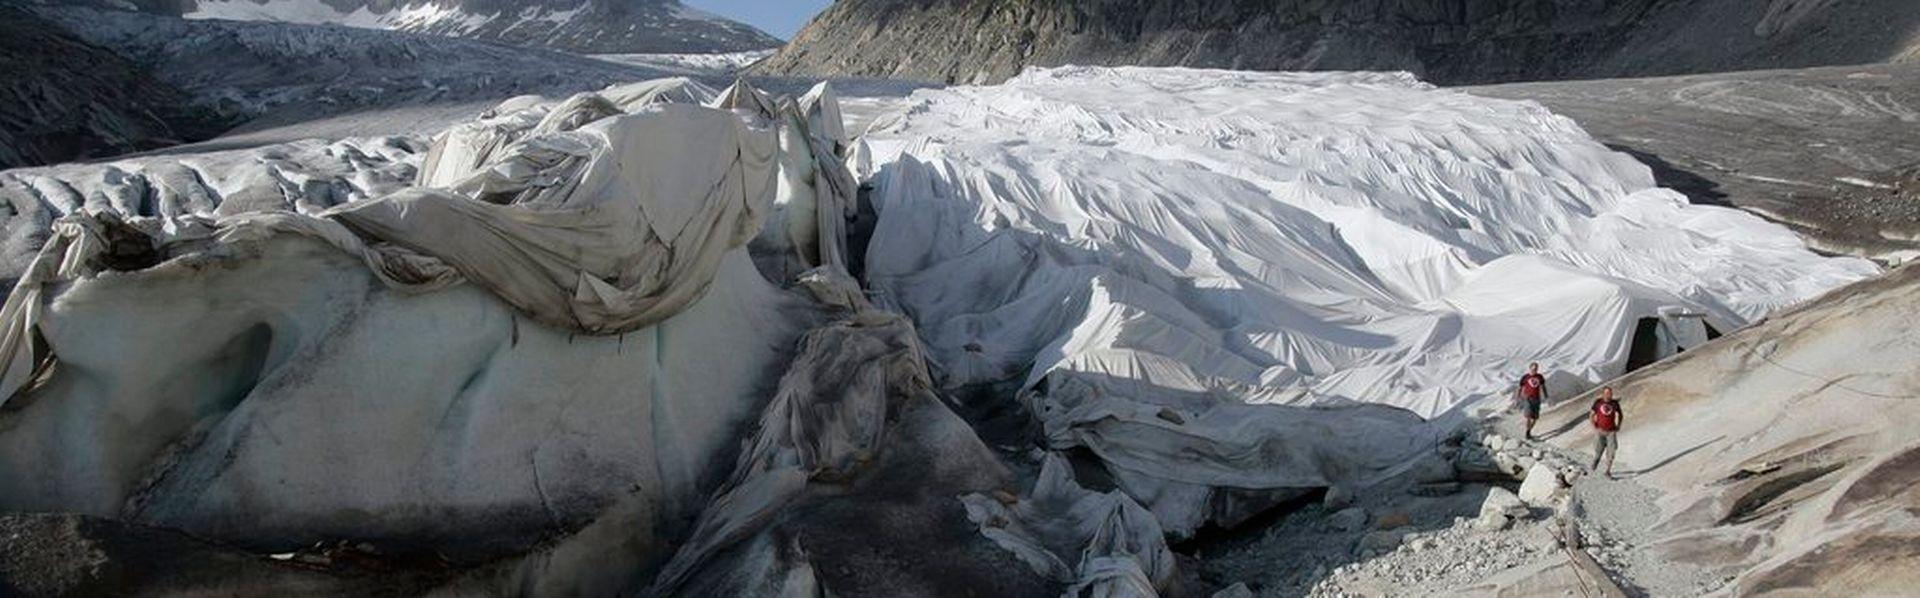 Le dossier sur la fonte des glaciers de RTS Découverte [Peter Klaunzer - Keystone]